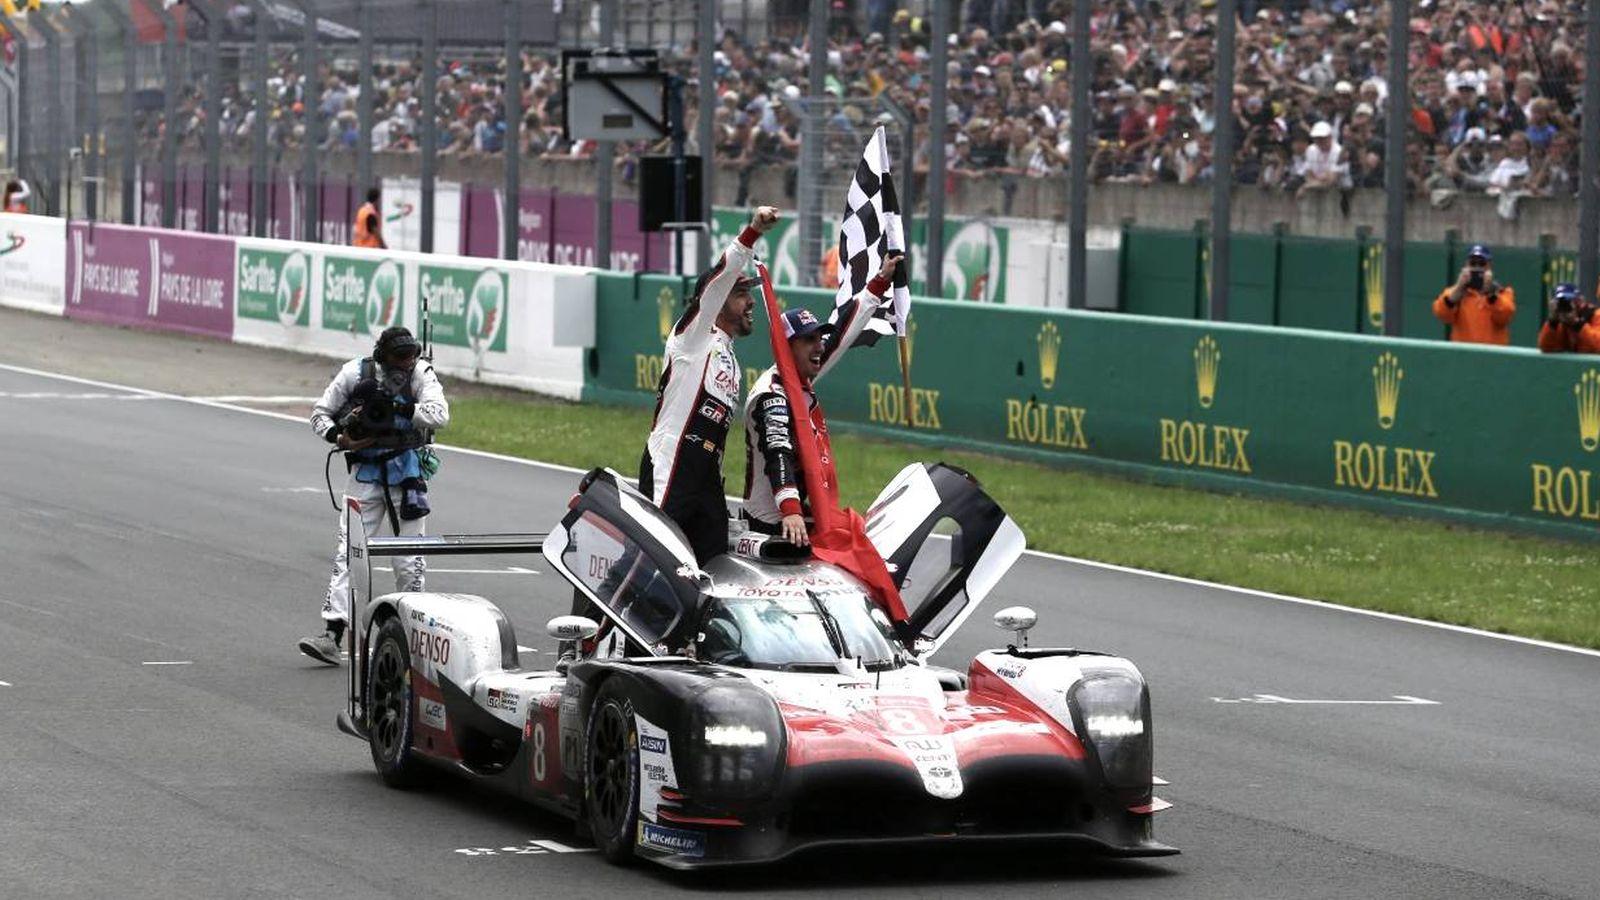 Foto: Alonso junto a Buemi, y con Nakajima en el interior, celebrando la victoria. (Twitter @Toyota_hybrid)